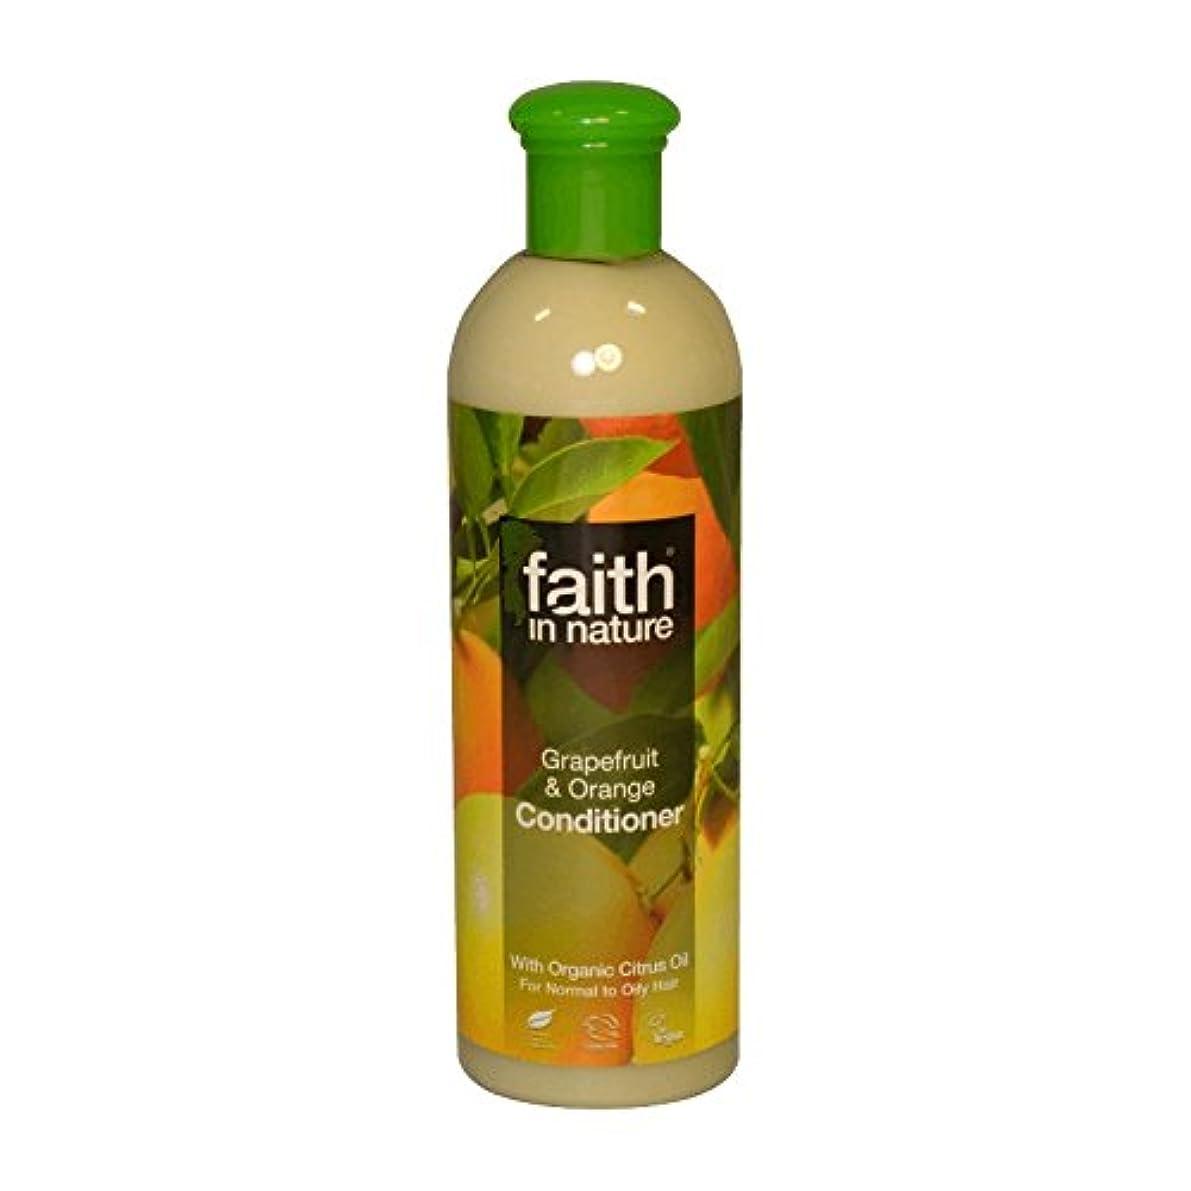 自然グレープフルーツ&オレンジコンディショナー400ミリリットルの信仰 - Faith in Nature Grapefruit & Orange Conditioner 400ml (Faith in Nature)...